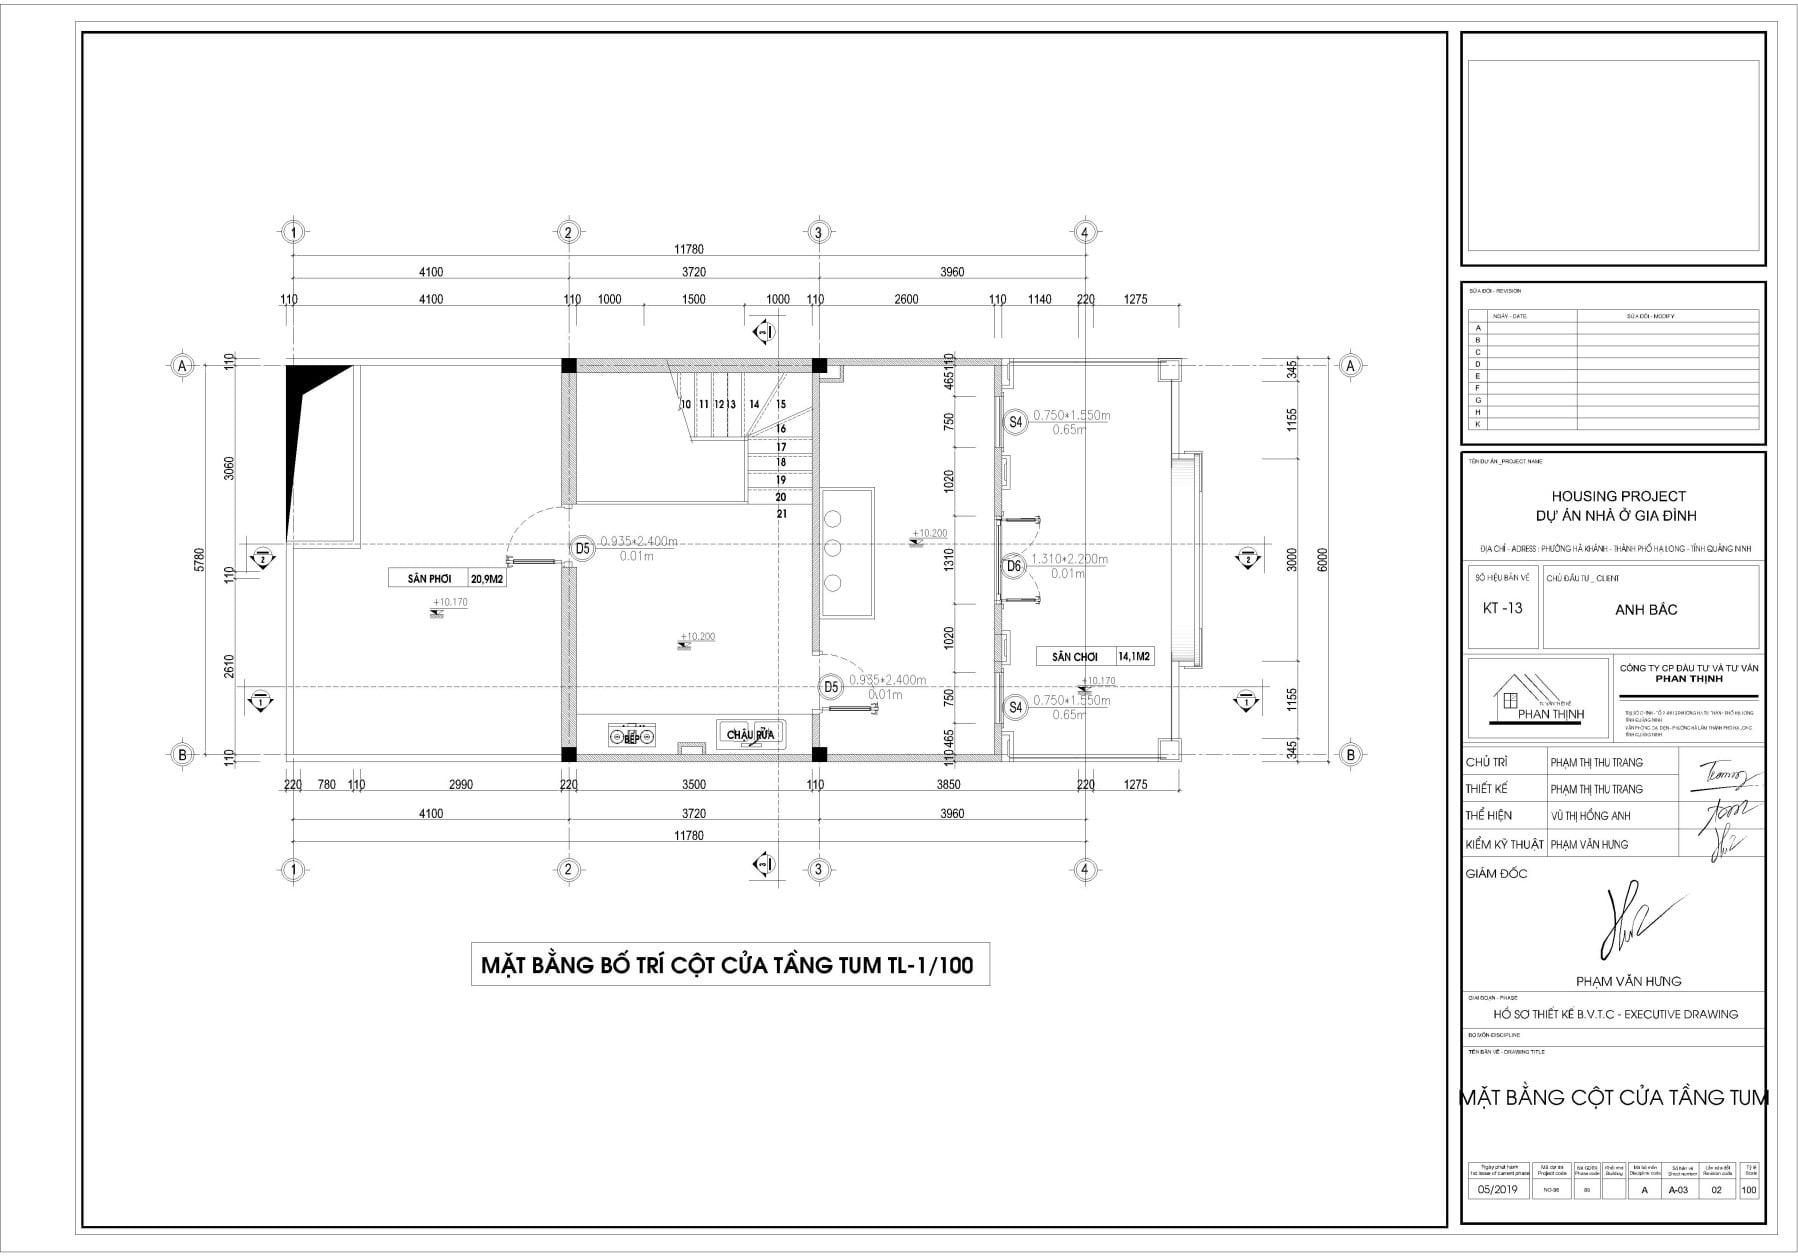 Bản vẽ thiết kế mặt bằng bố trí cột cửa tại tầng tum